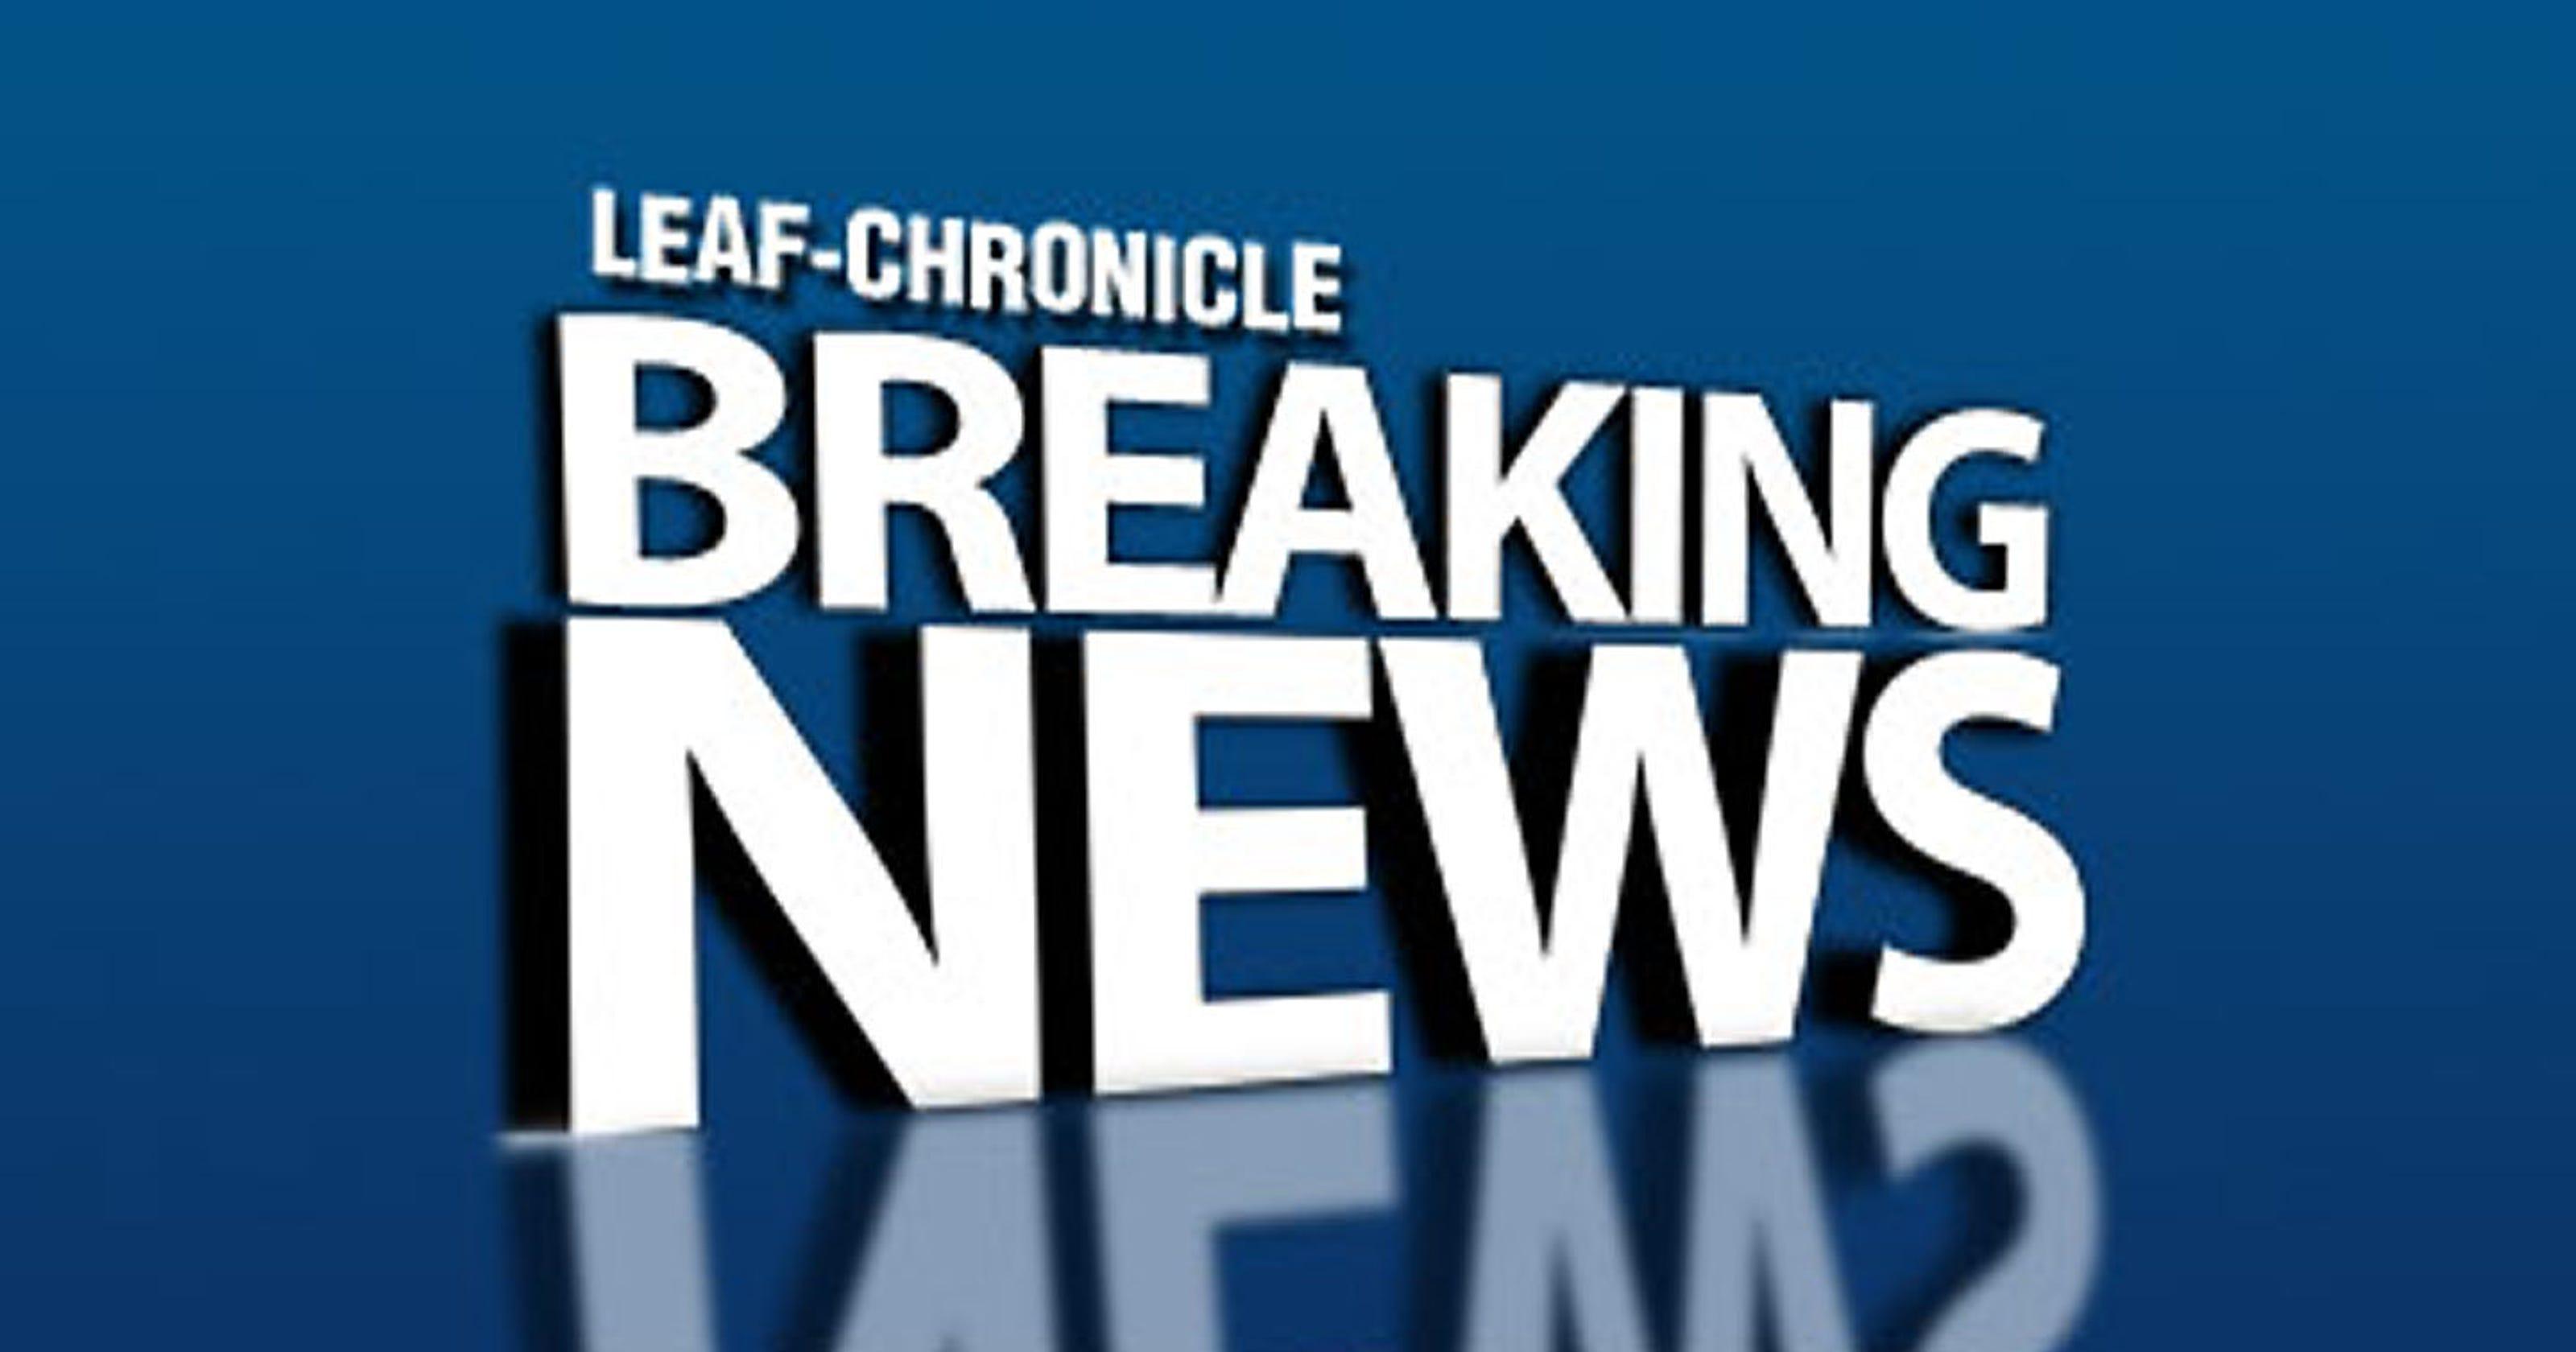 Skeletal remains found in Clarksville identified